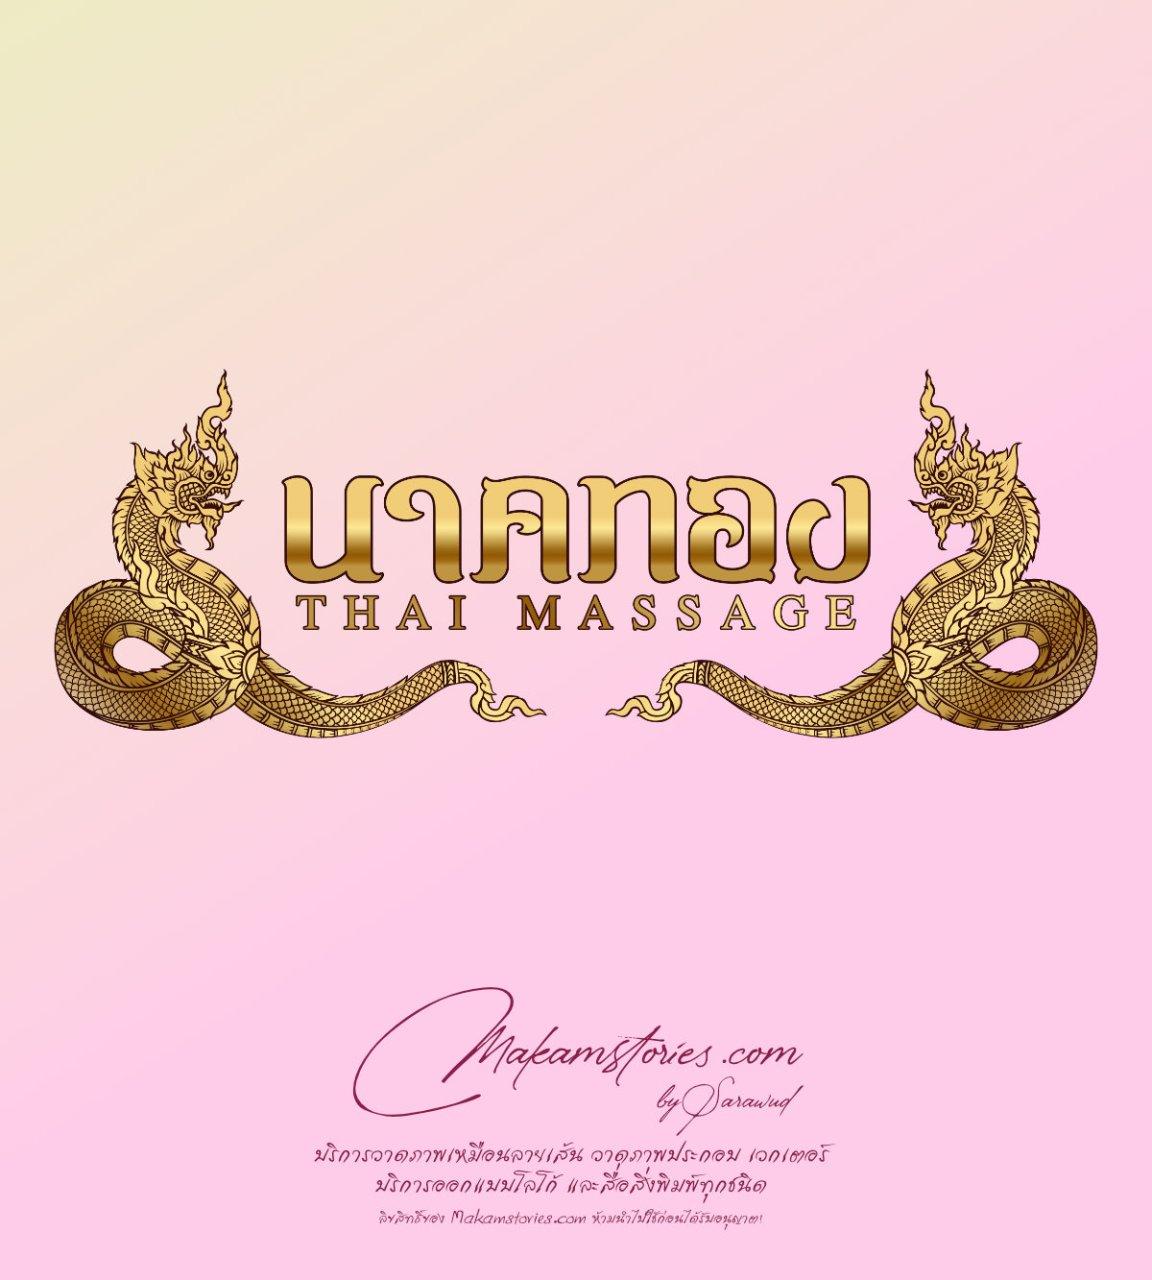 โลโก้นวดแผนไทย โลโก้รูปพญานาคสีทอง Thai Massage Logo